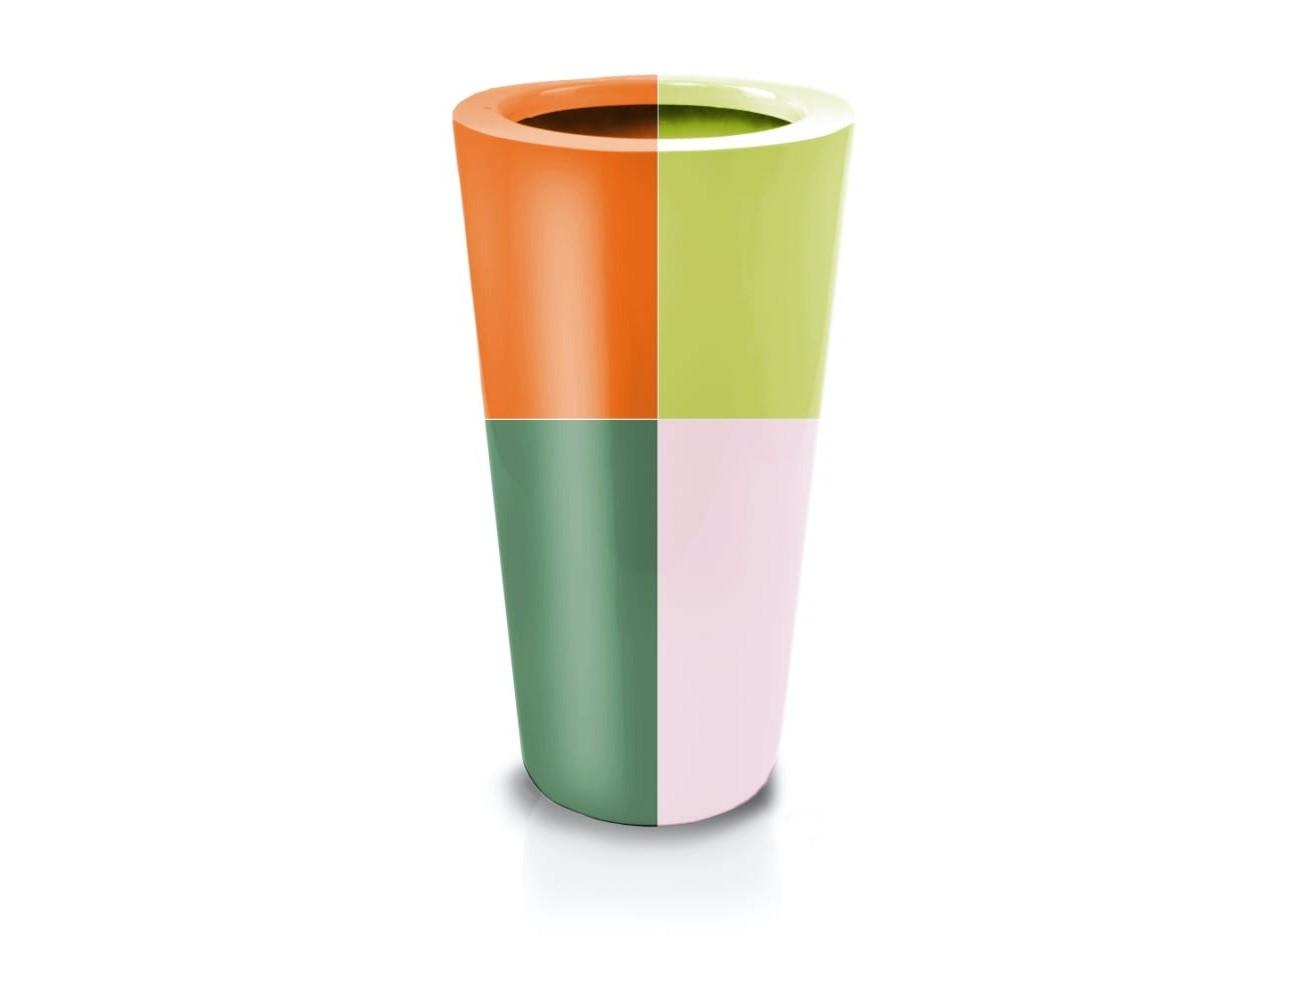 Donica Fiberglass Cone 62x33 cm kolor na zamówienie